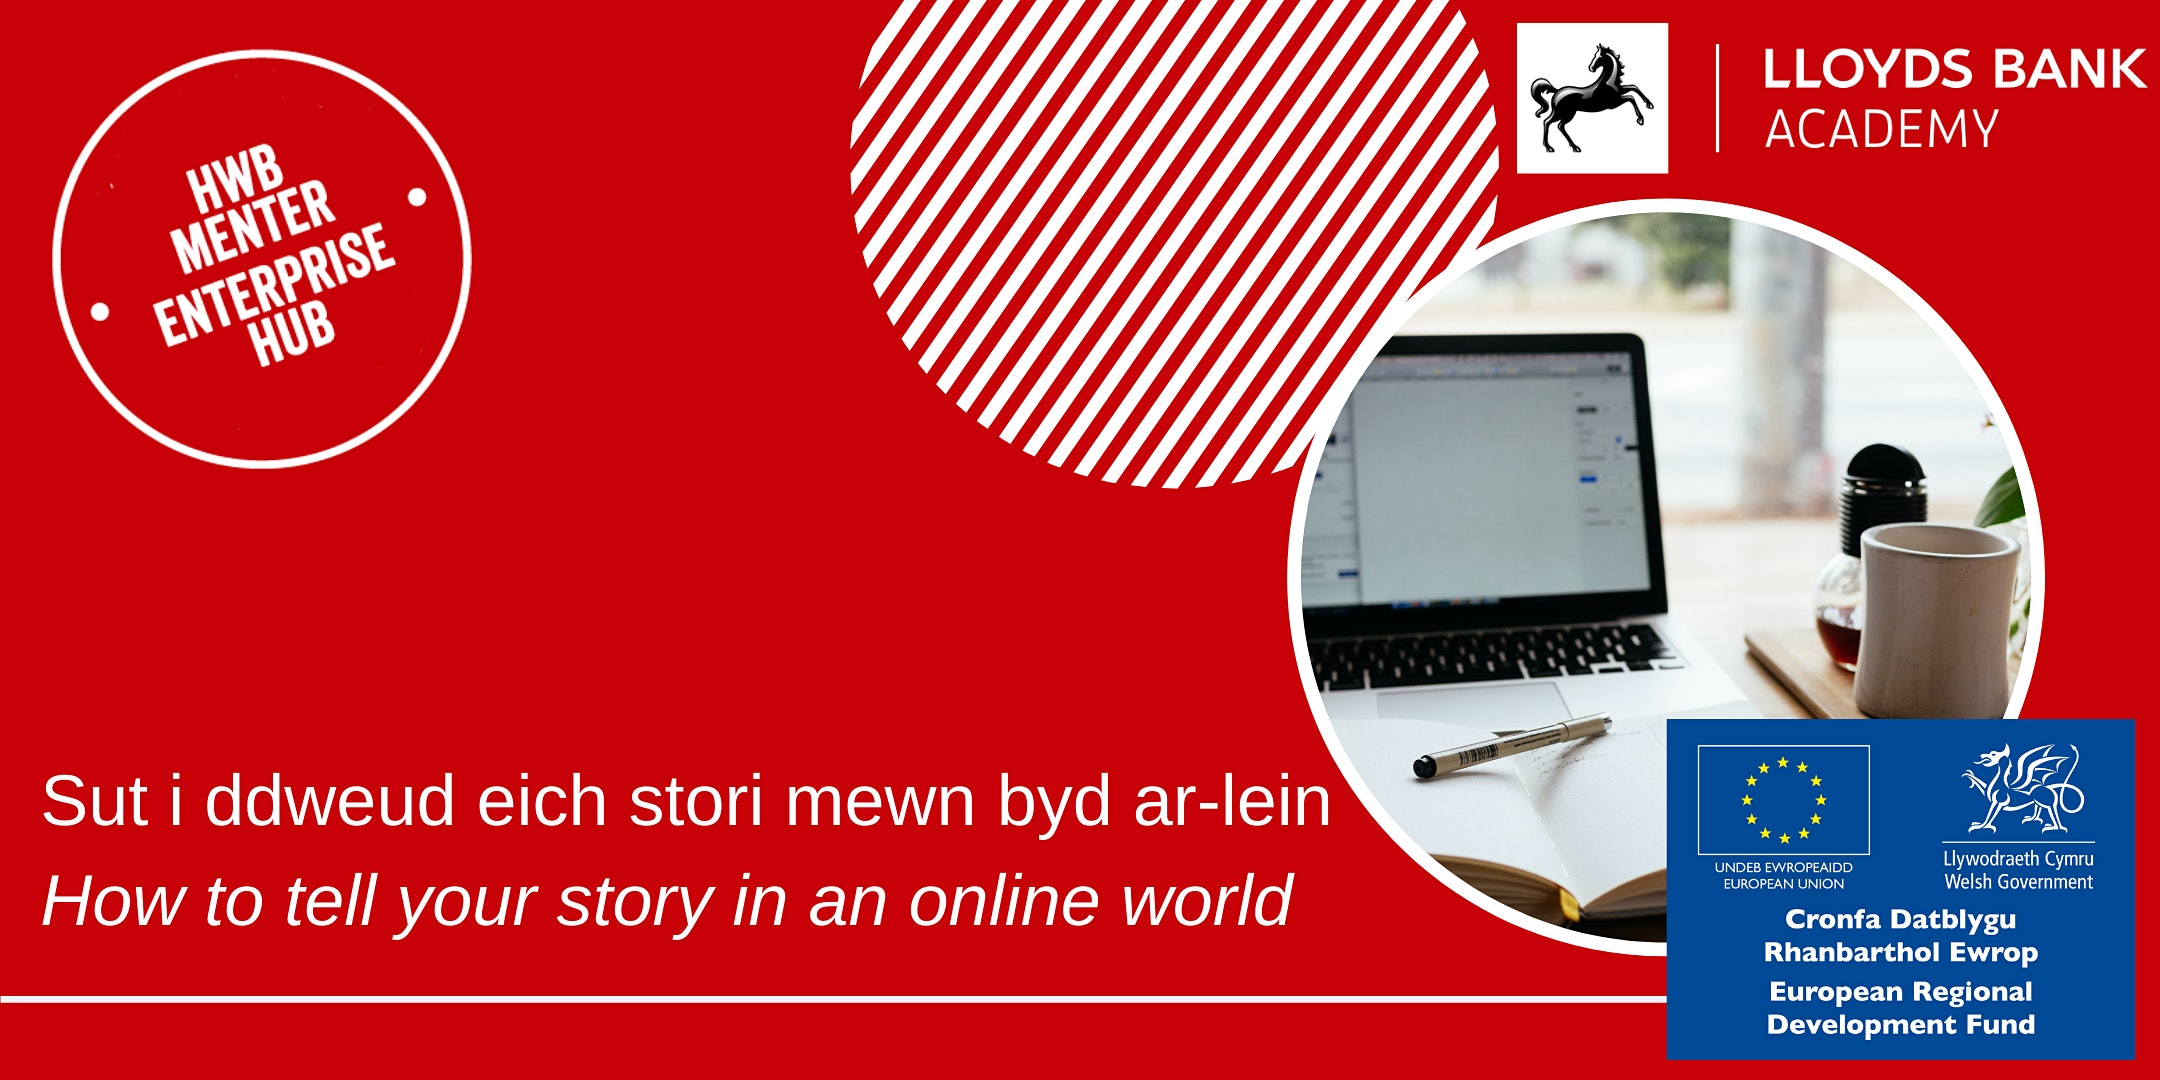 Dweud eich stori mewn byd ar-lein / Telling your story in an online world